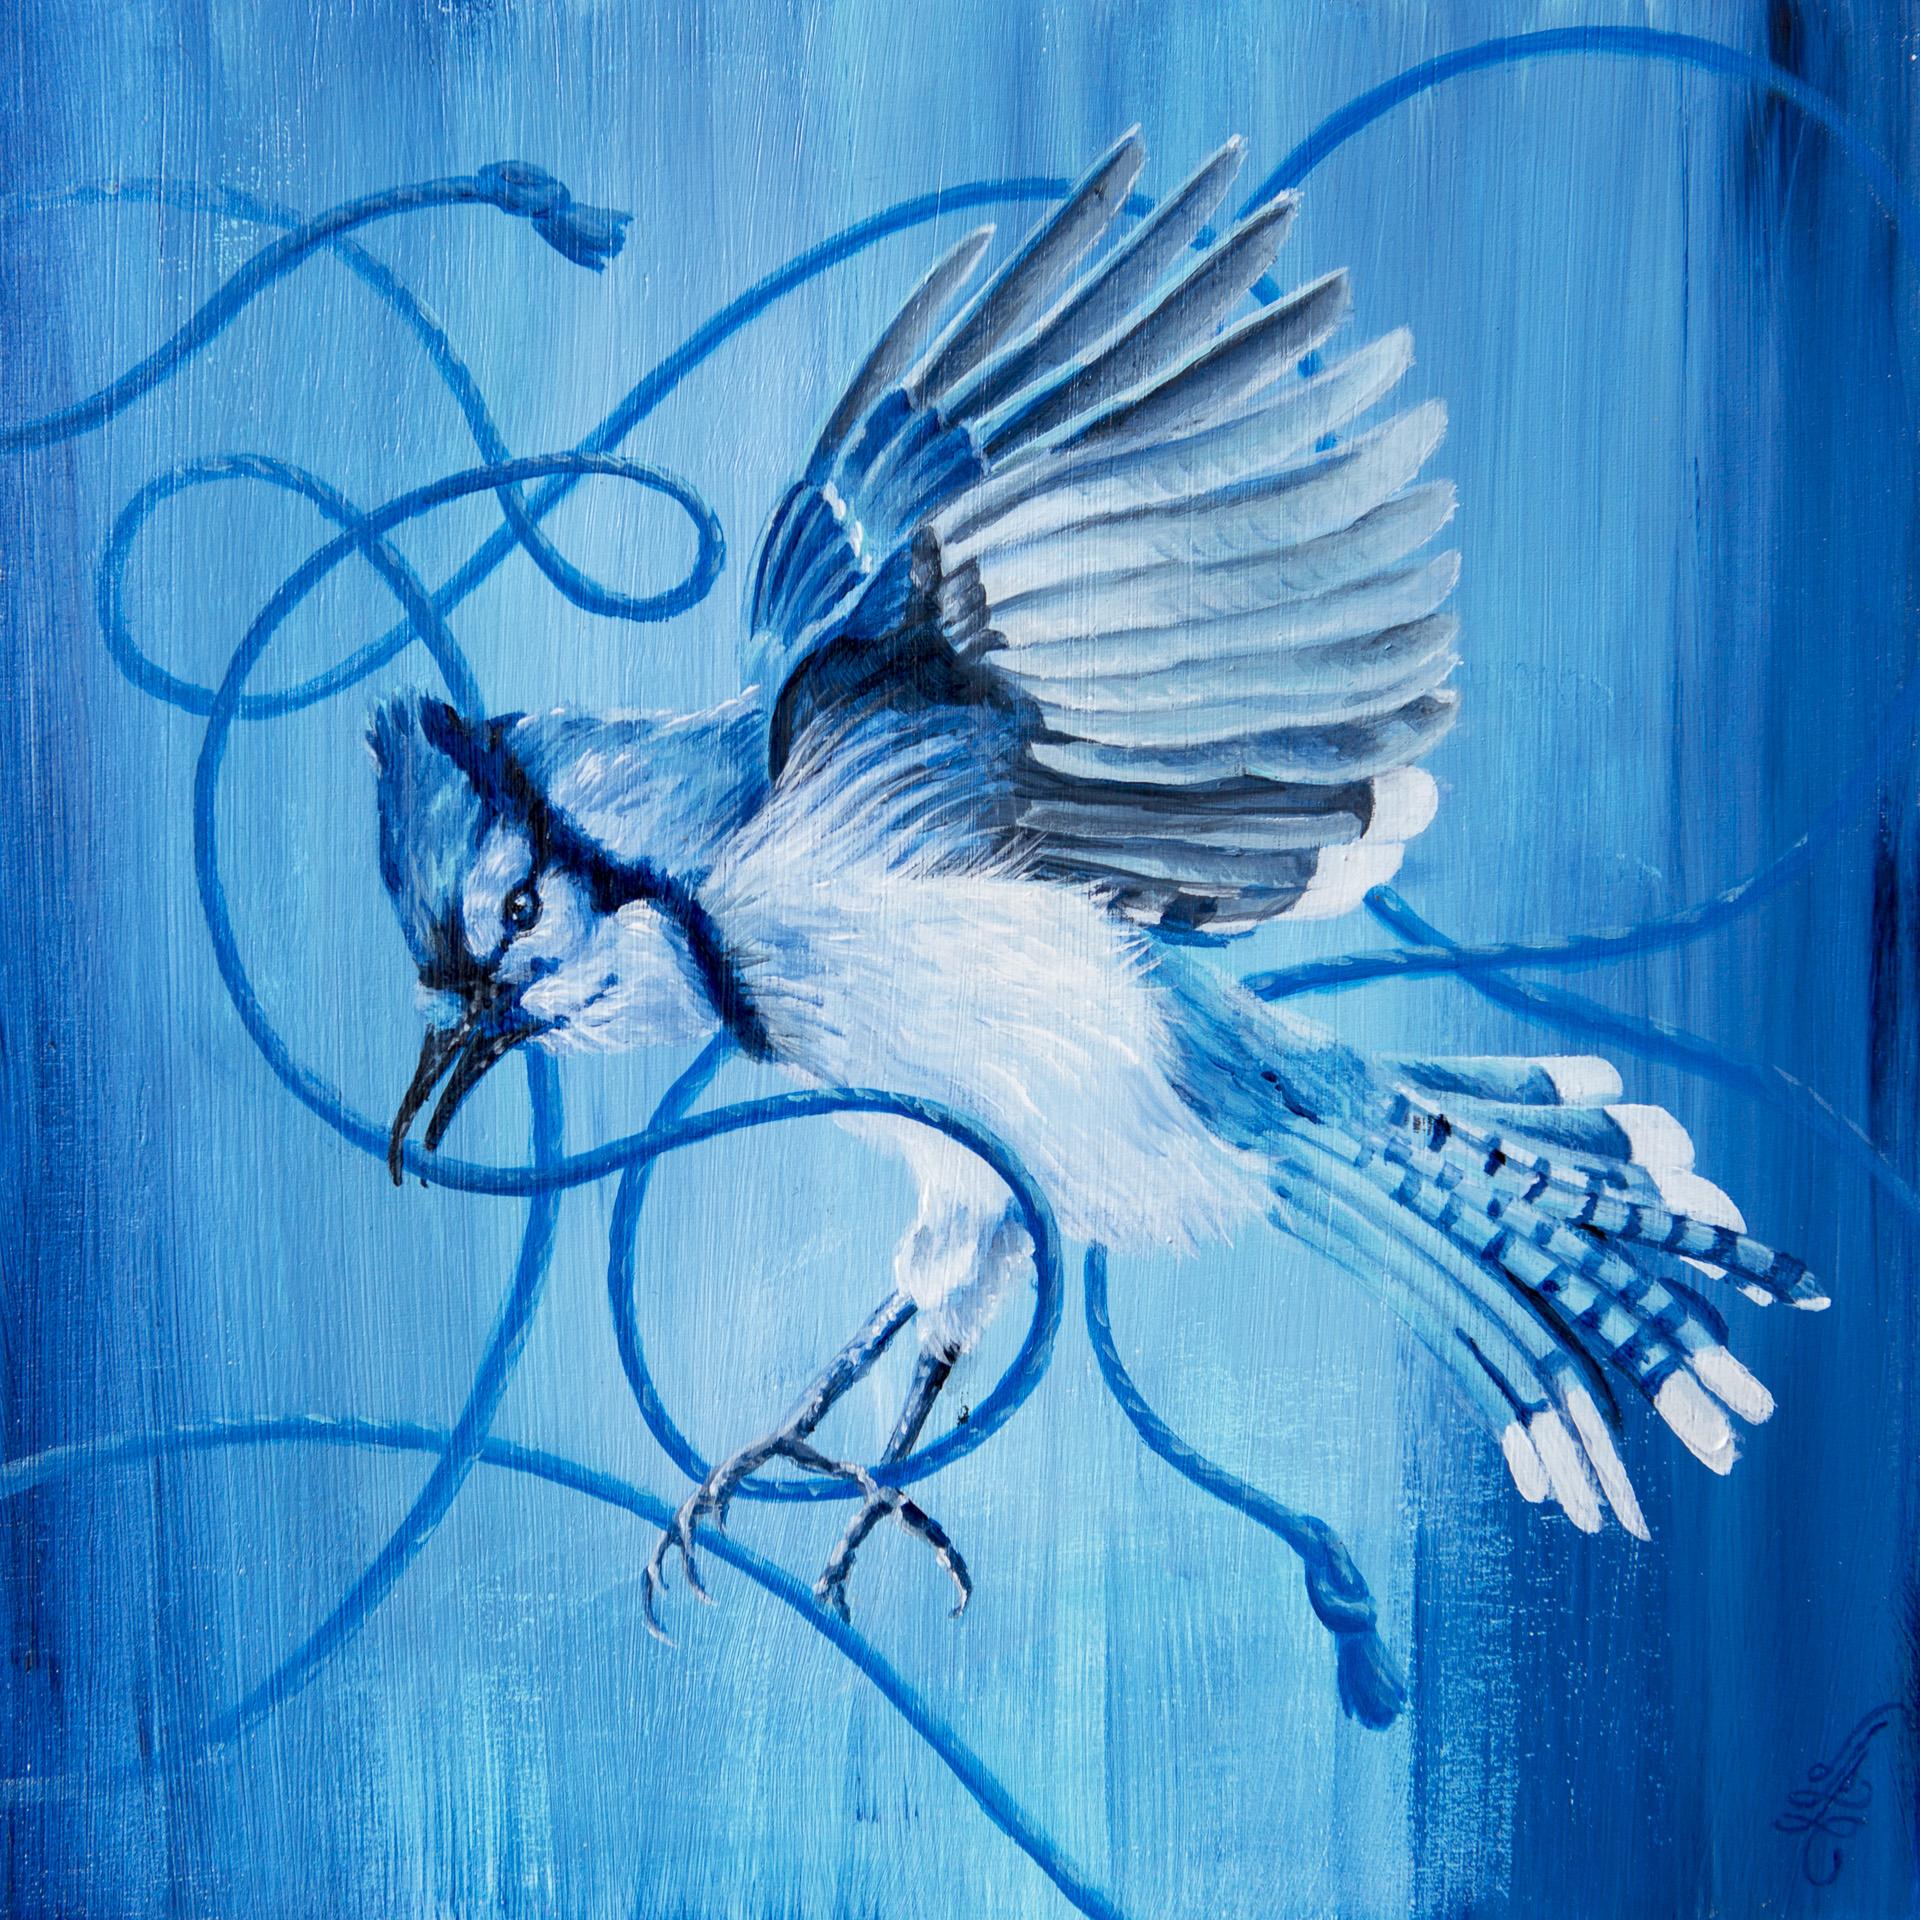 fly away, blue jay